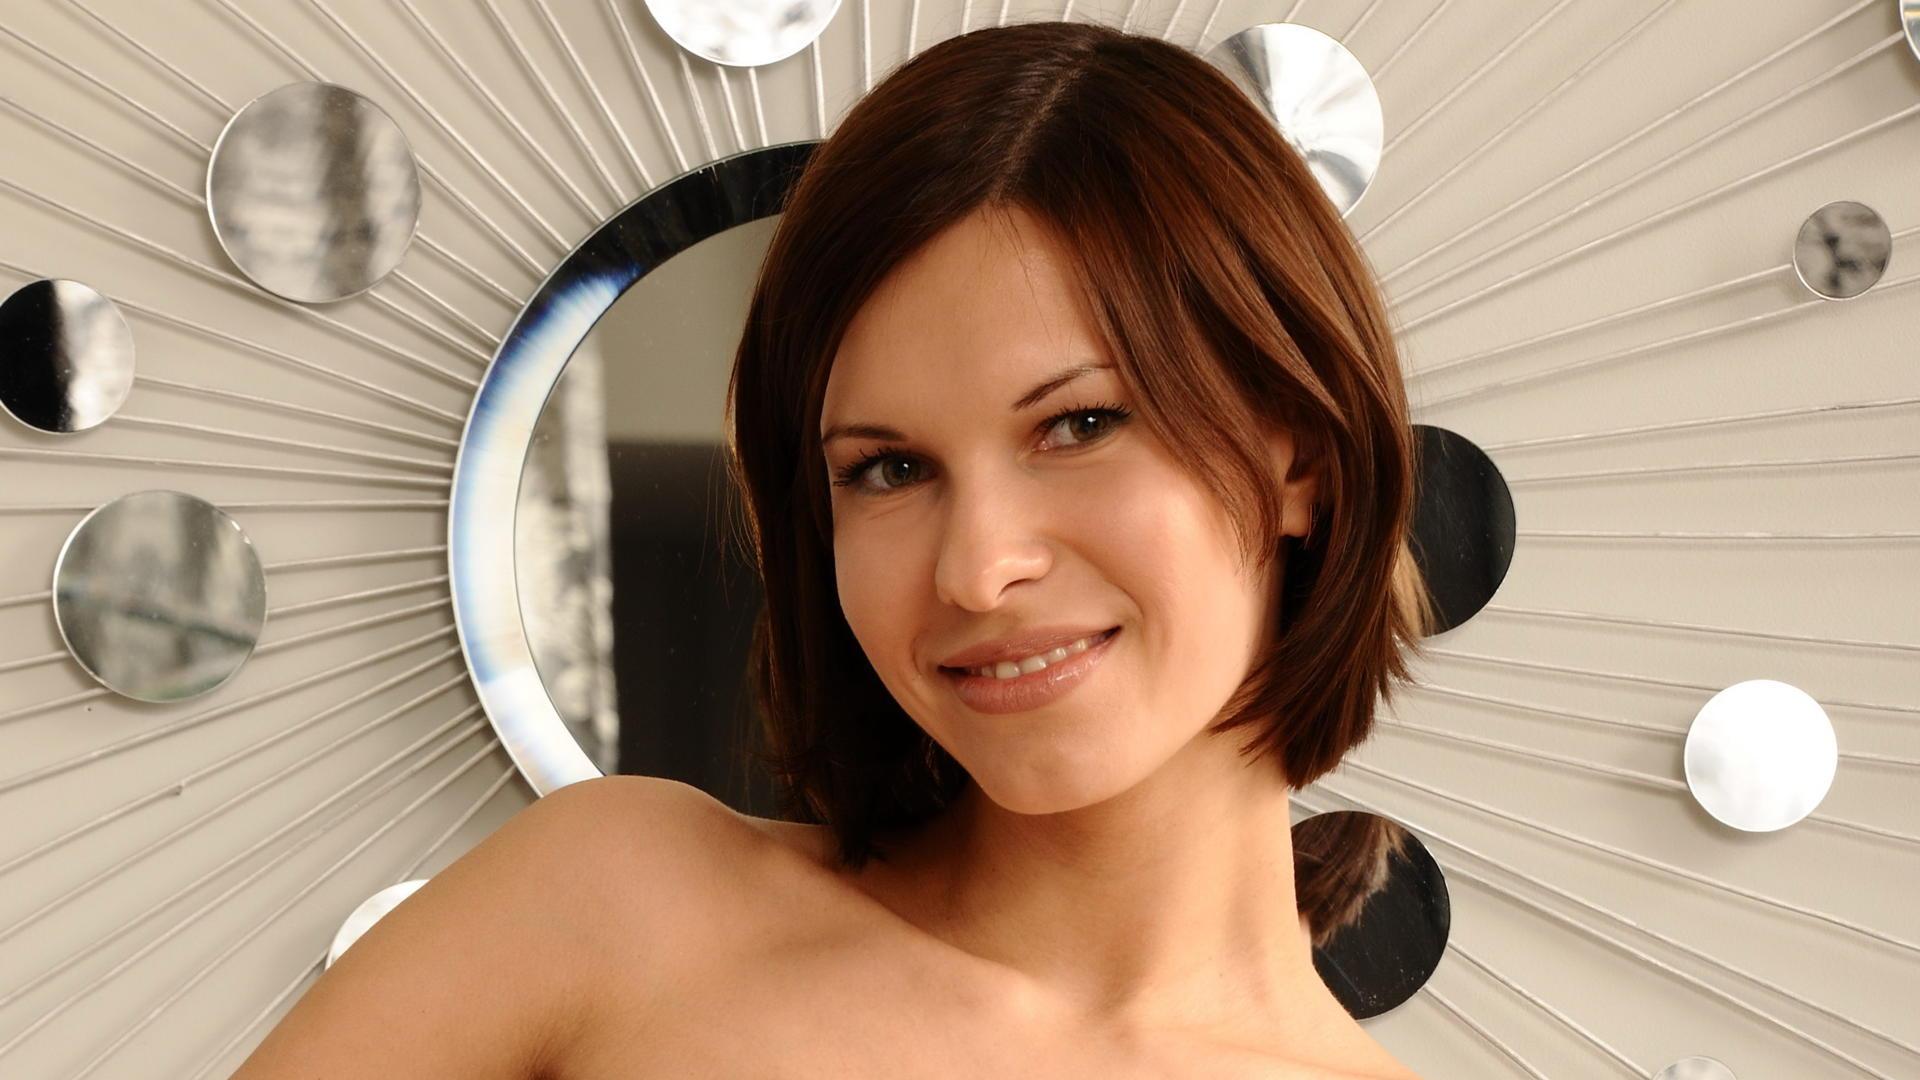 Wallpaper suzanna a, brunette, smile, face, nadia p, susi